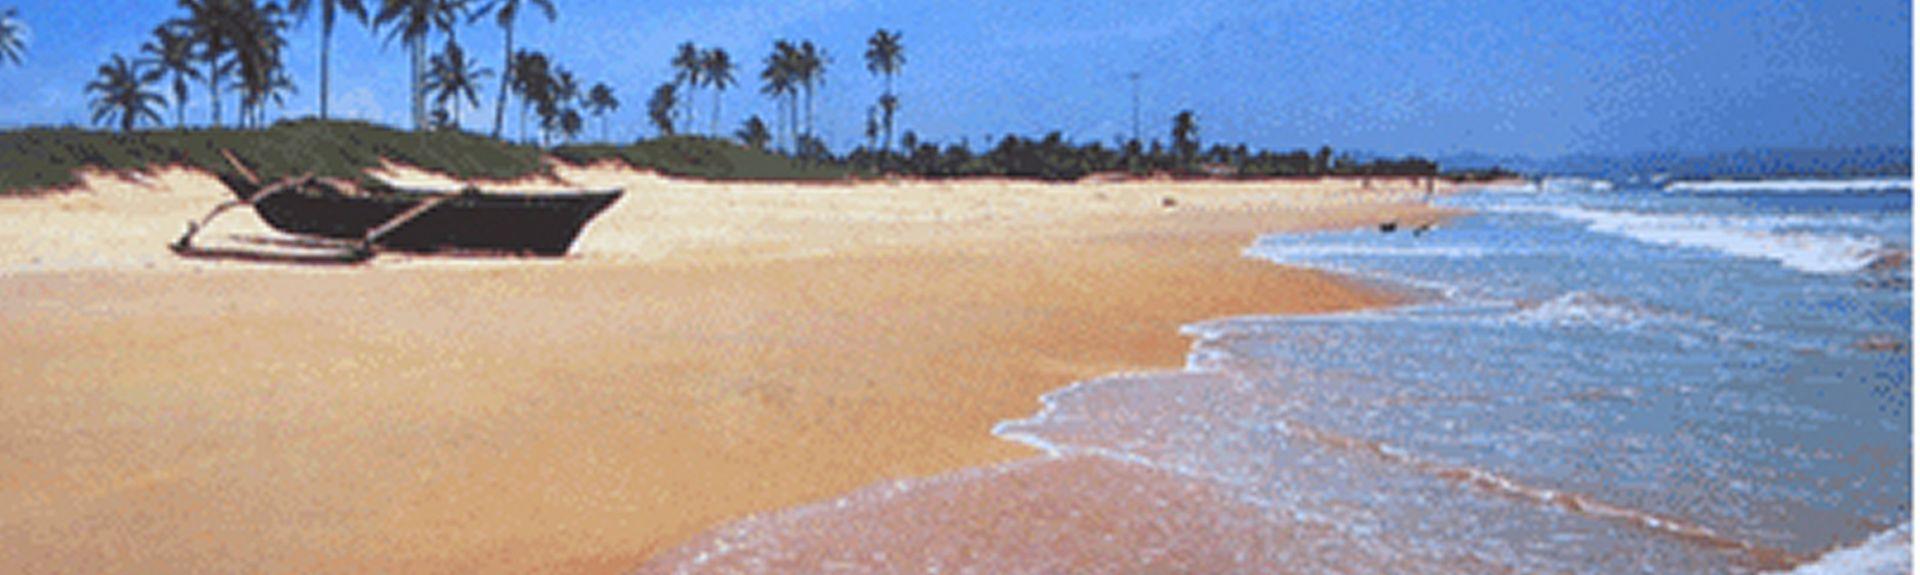 Margao, Goa, Indien